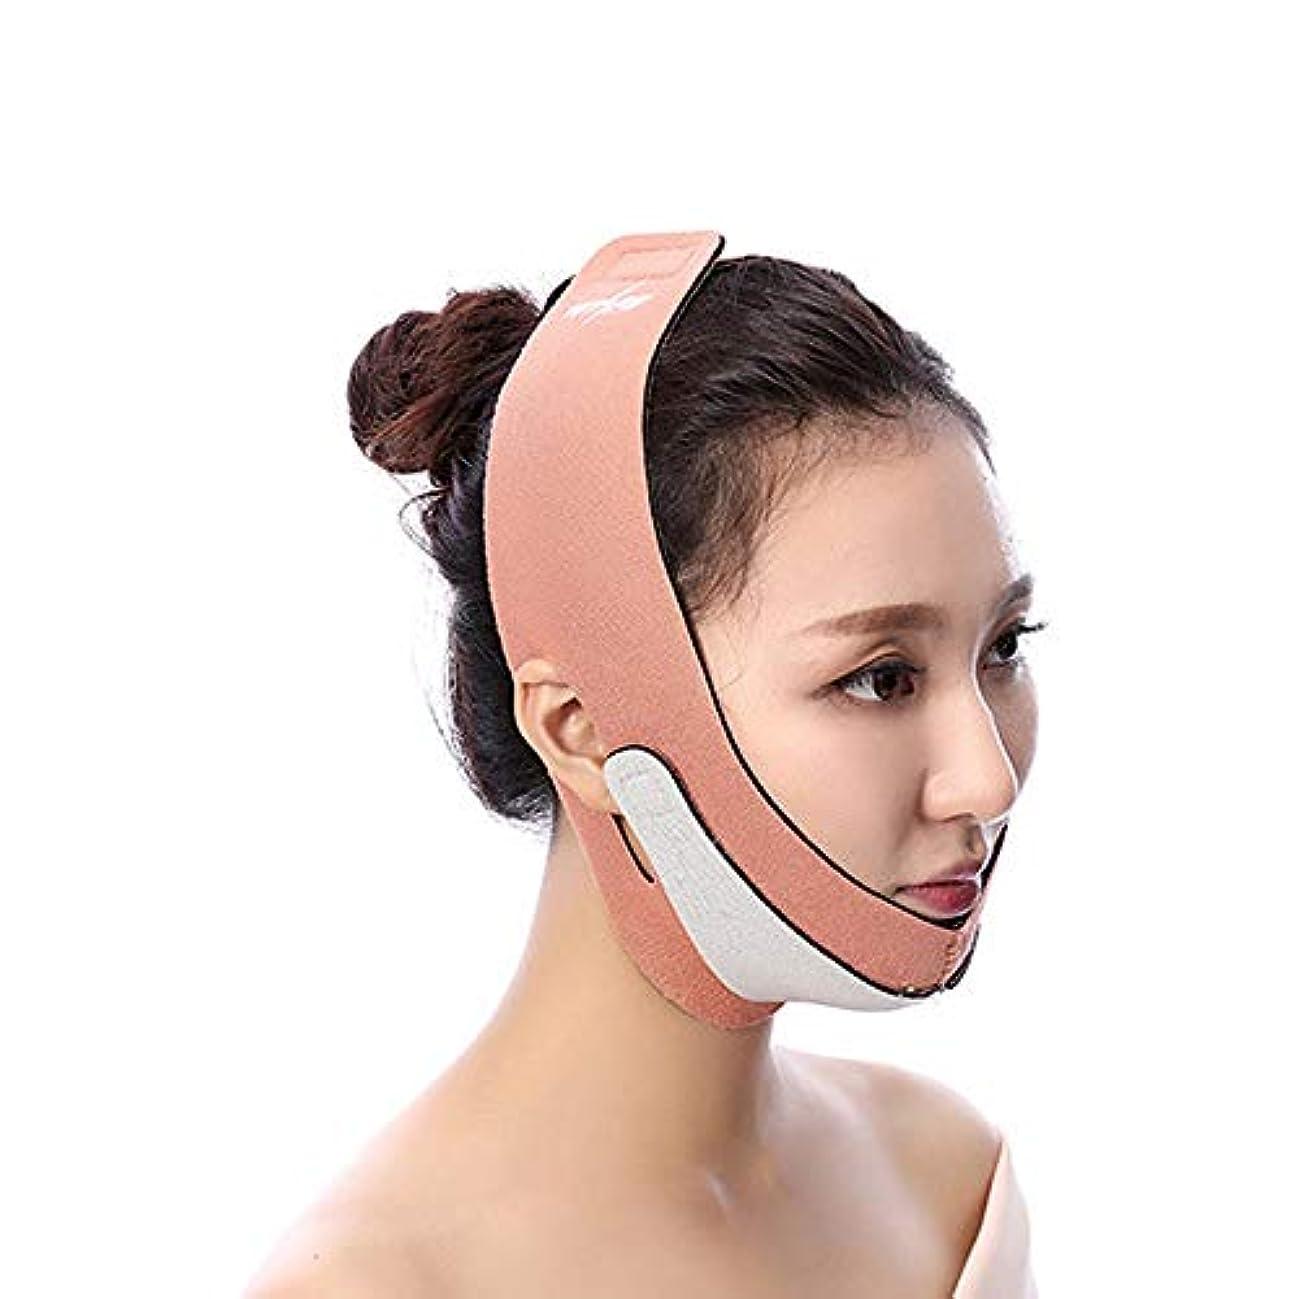 アメリカキウイバンク薄型フェイスマスク、フェイスリフティングに最適、フェイスバンドを引き締めて肌の包帯を締め、頬あごの持ち上げ、肌の包帯を引き締める(ワンサイズはすべてにフィット) (Color : Orange)